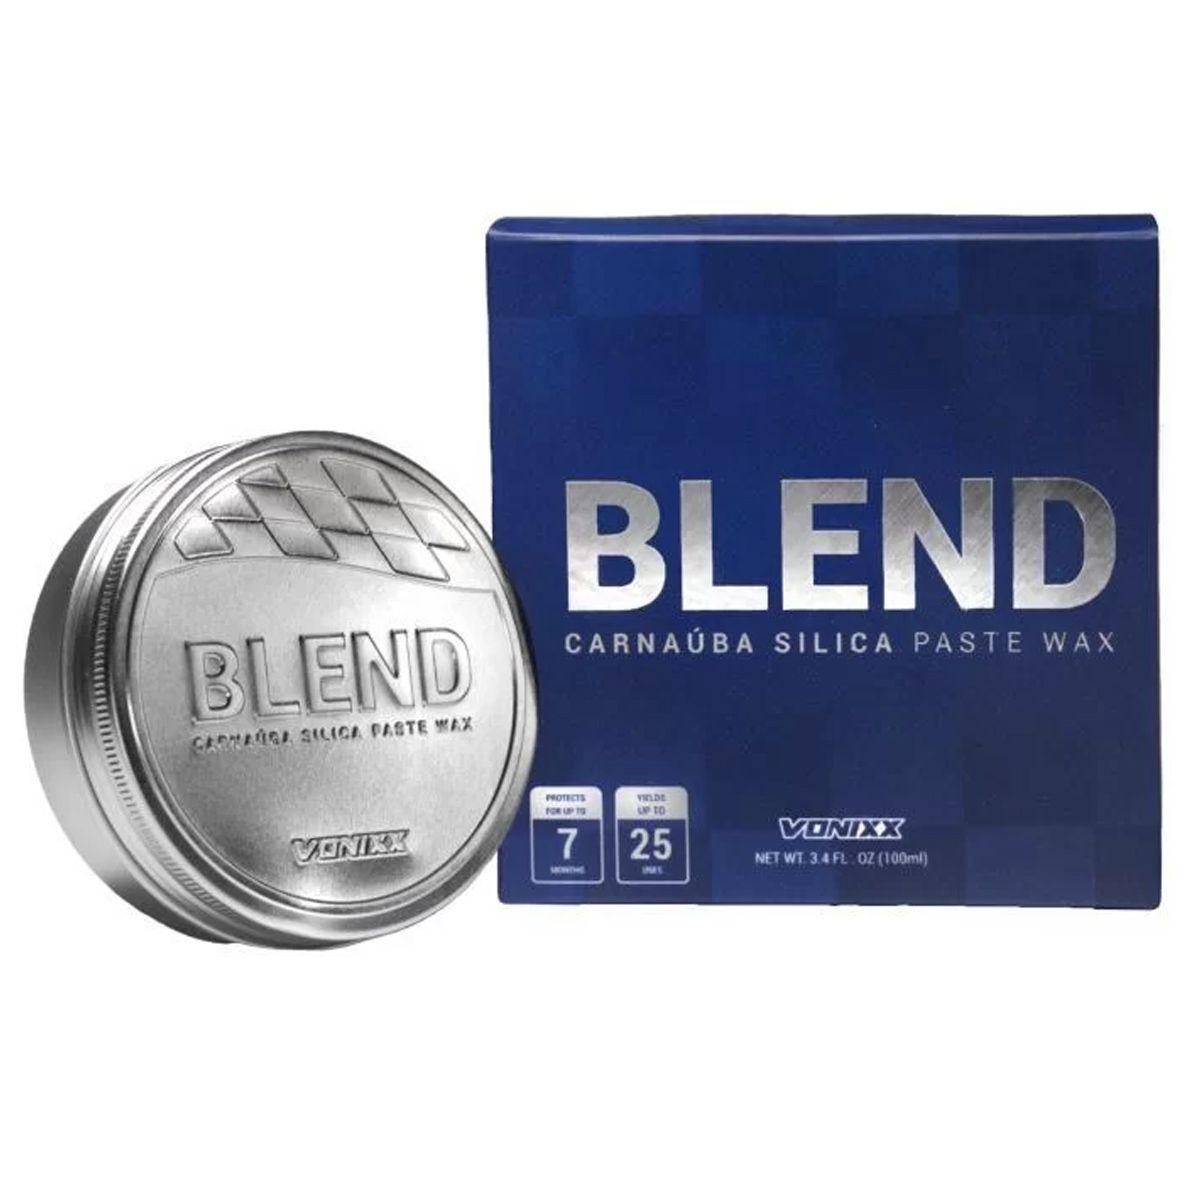 Kit Cera Paste Blend +Pneu Pretinho+Rejuvex Vonixx